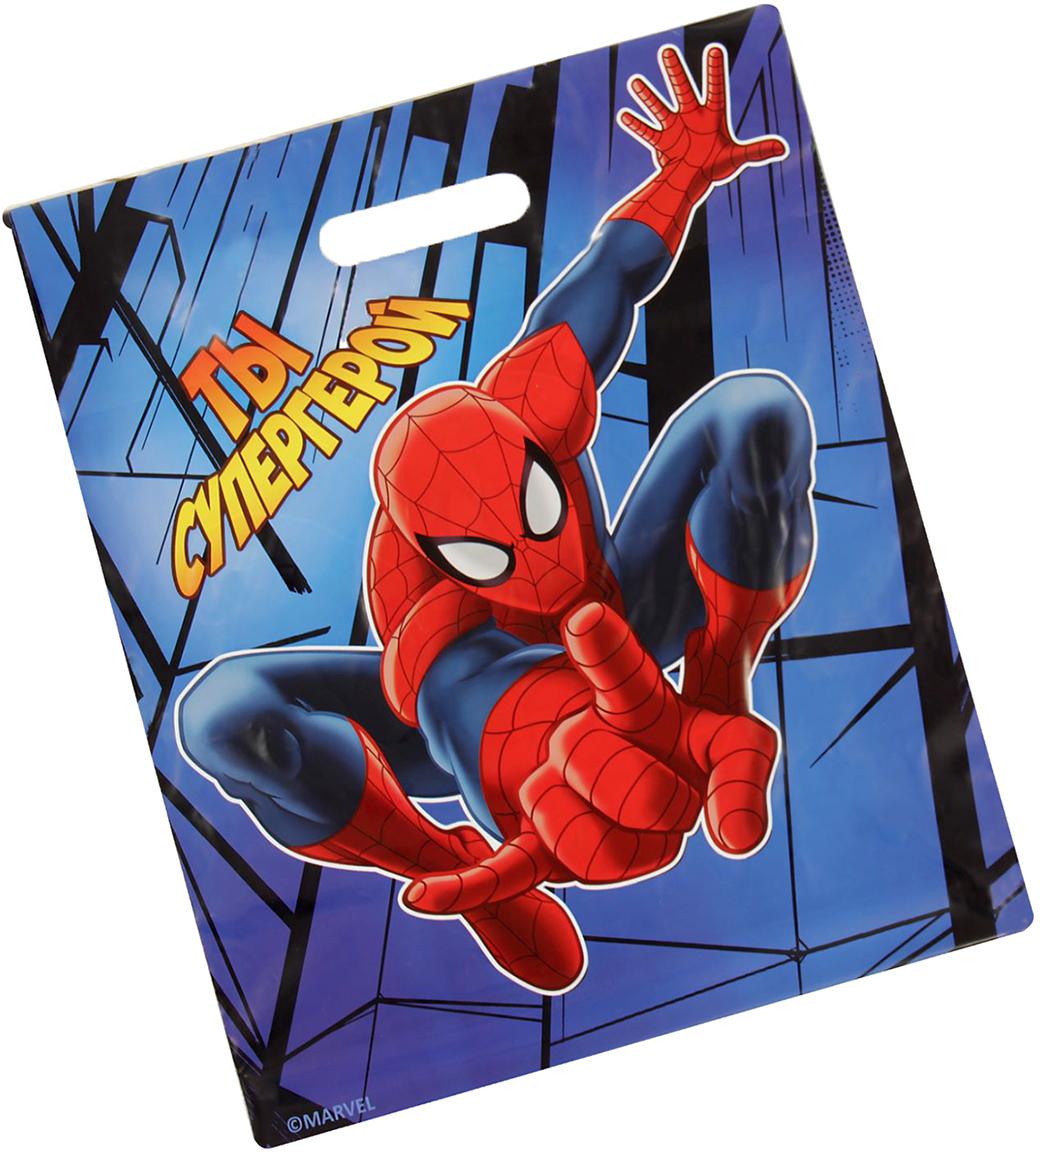 Дети и взрослые будут в восторге от изображения любимых героев Marvel. А содержимое пакета станет еще желанней. Яркий полиэтиленовый пакет сделает подарок особенным и запоминающимся!